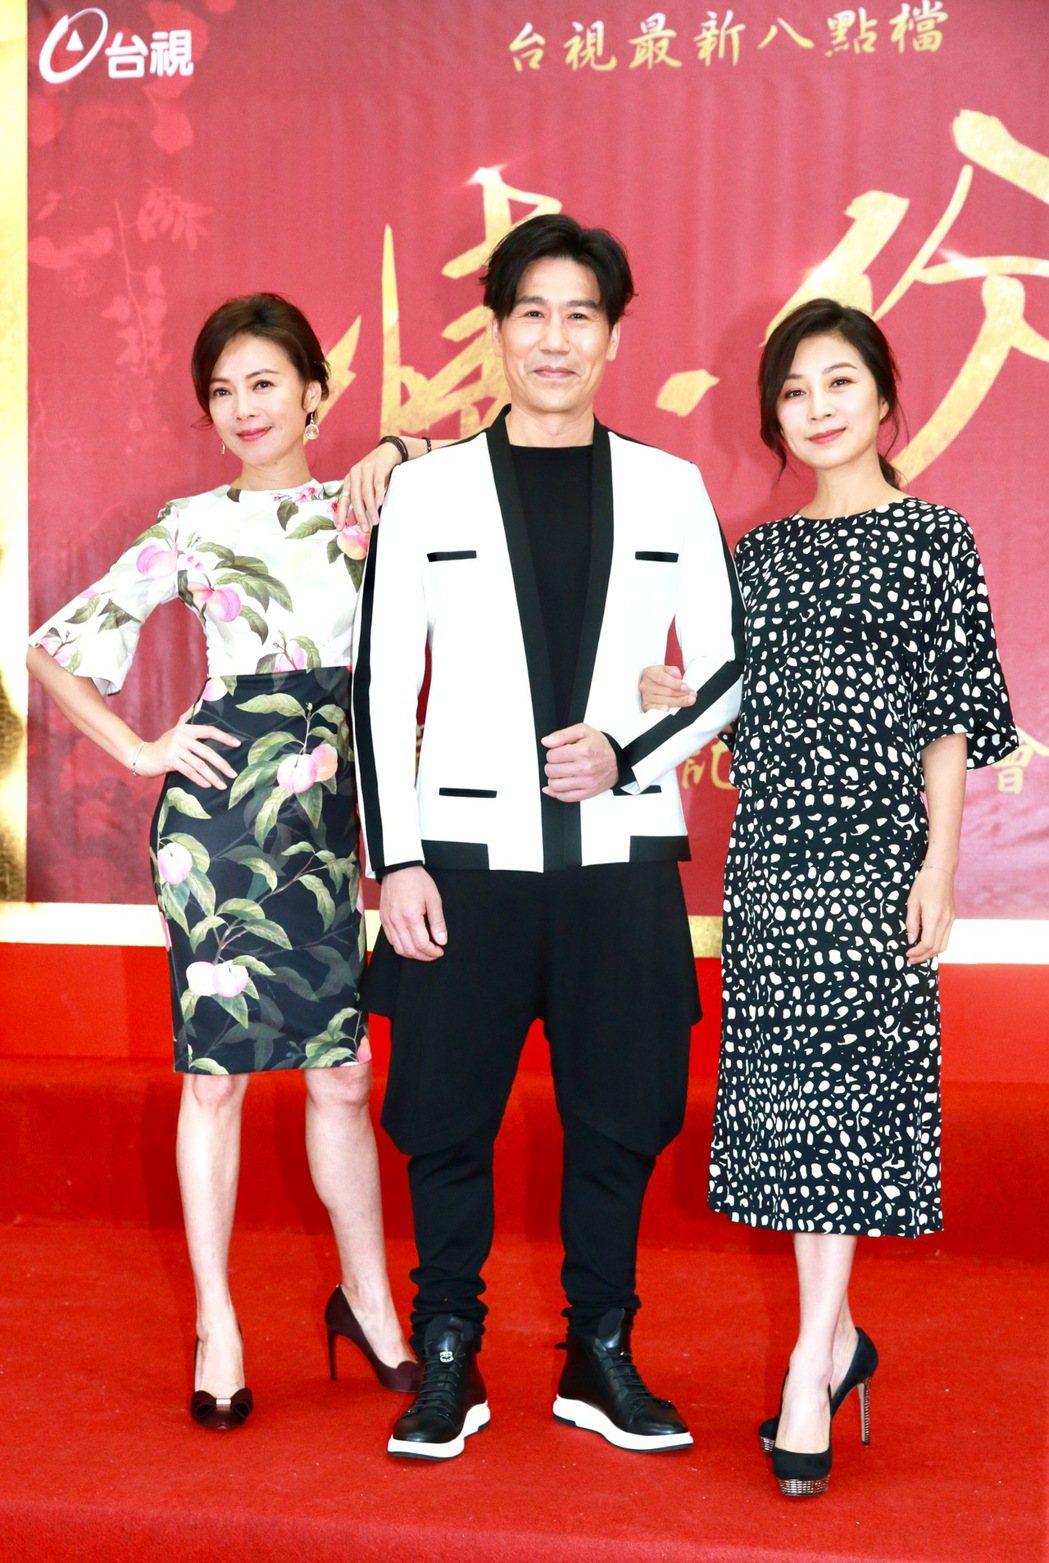 台視新八點檔「情‧份」,主要演員方文琳(右起)、羅時豐、柯淑勤。記者黃義書/攝影